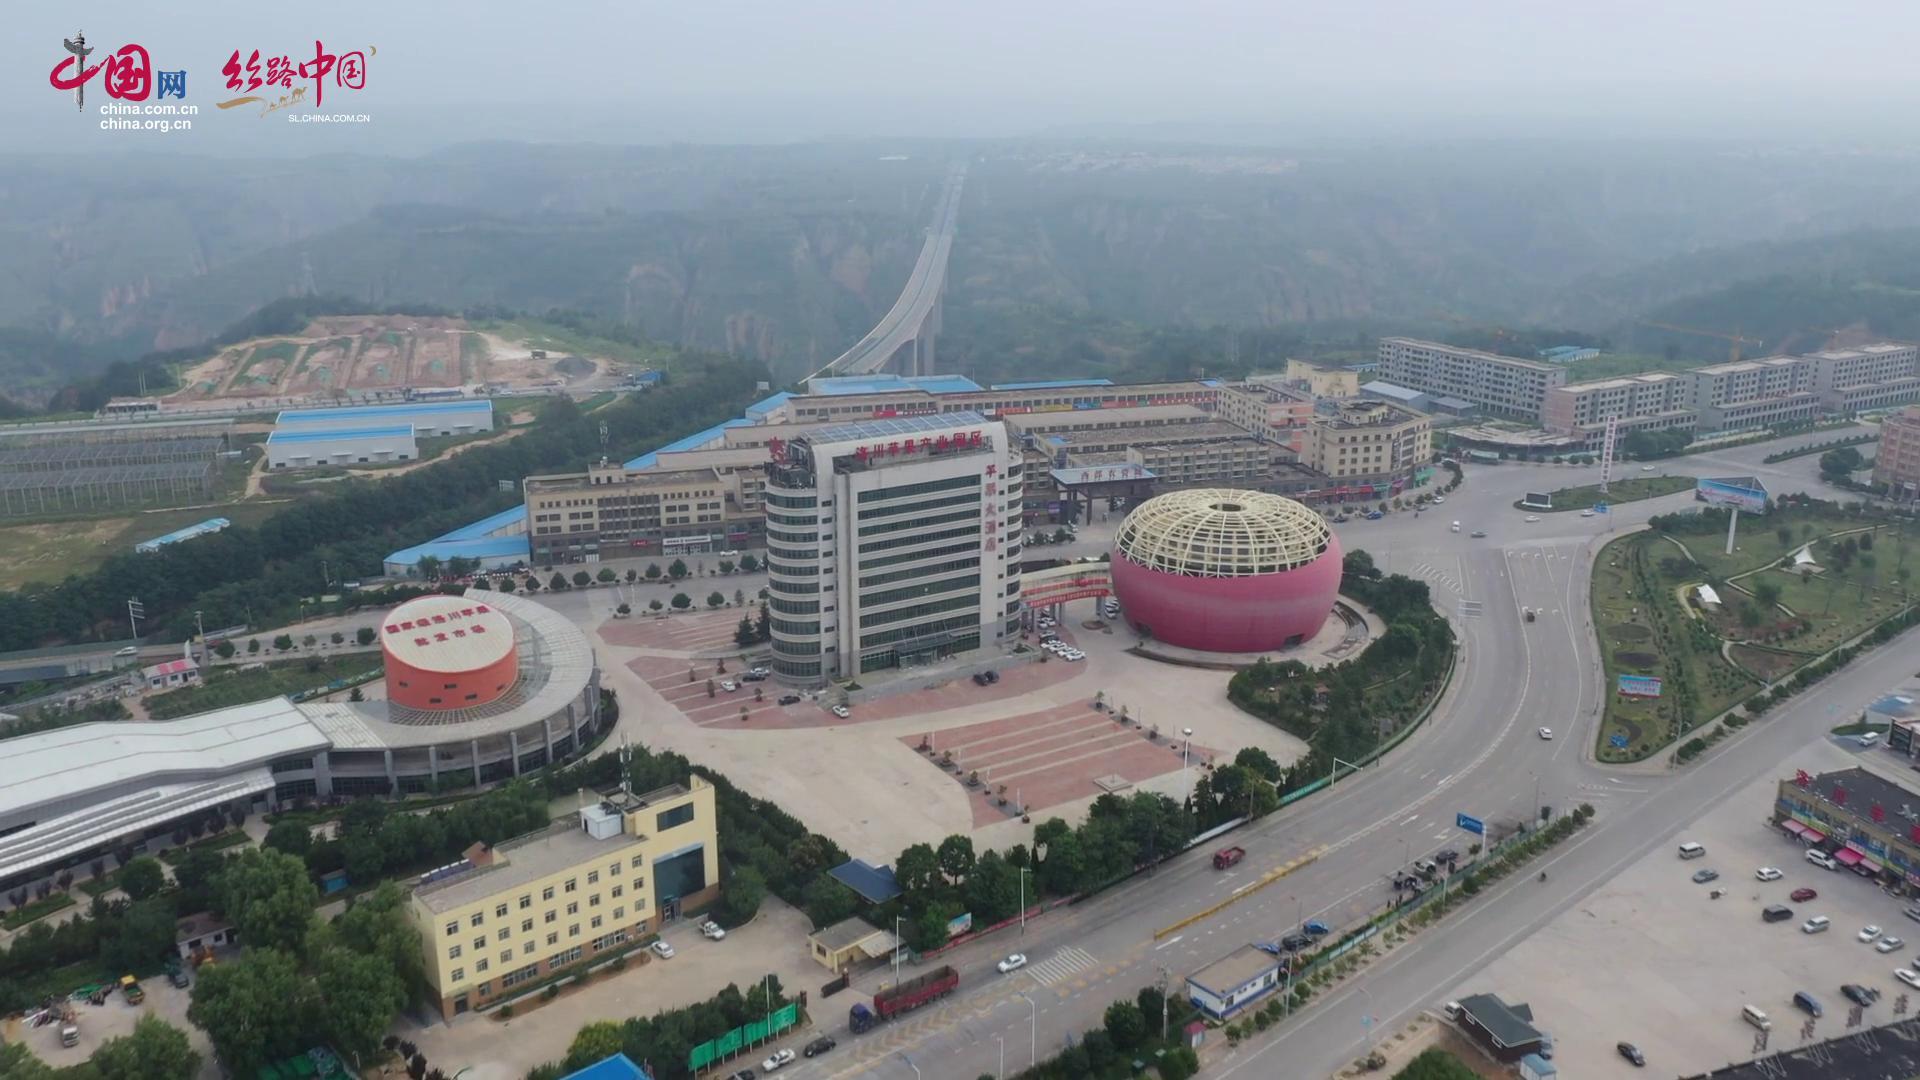 洛川县副县长刘高明:小苹果做成大产业 最终让老百姓获益